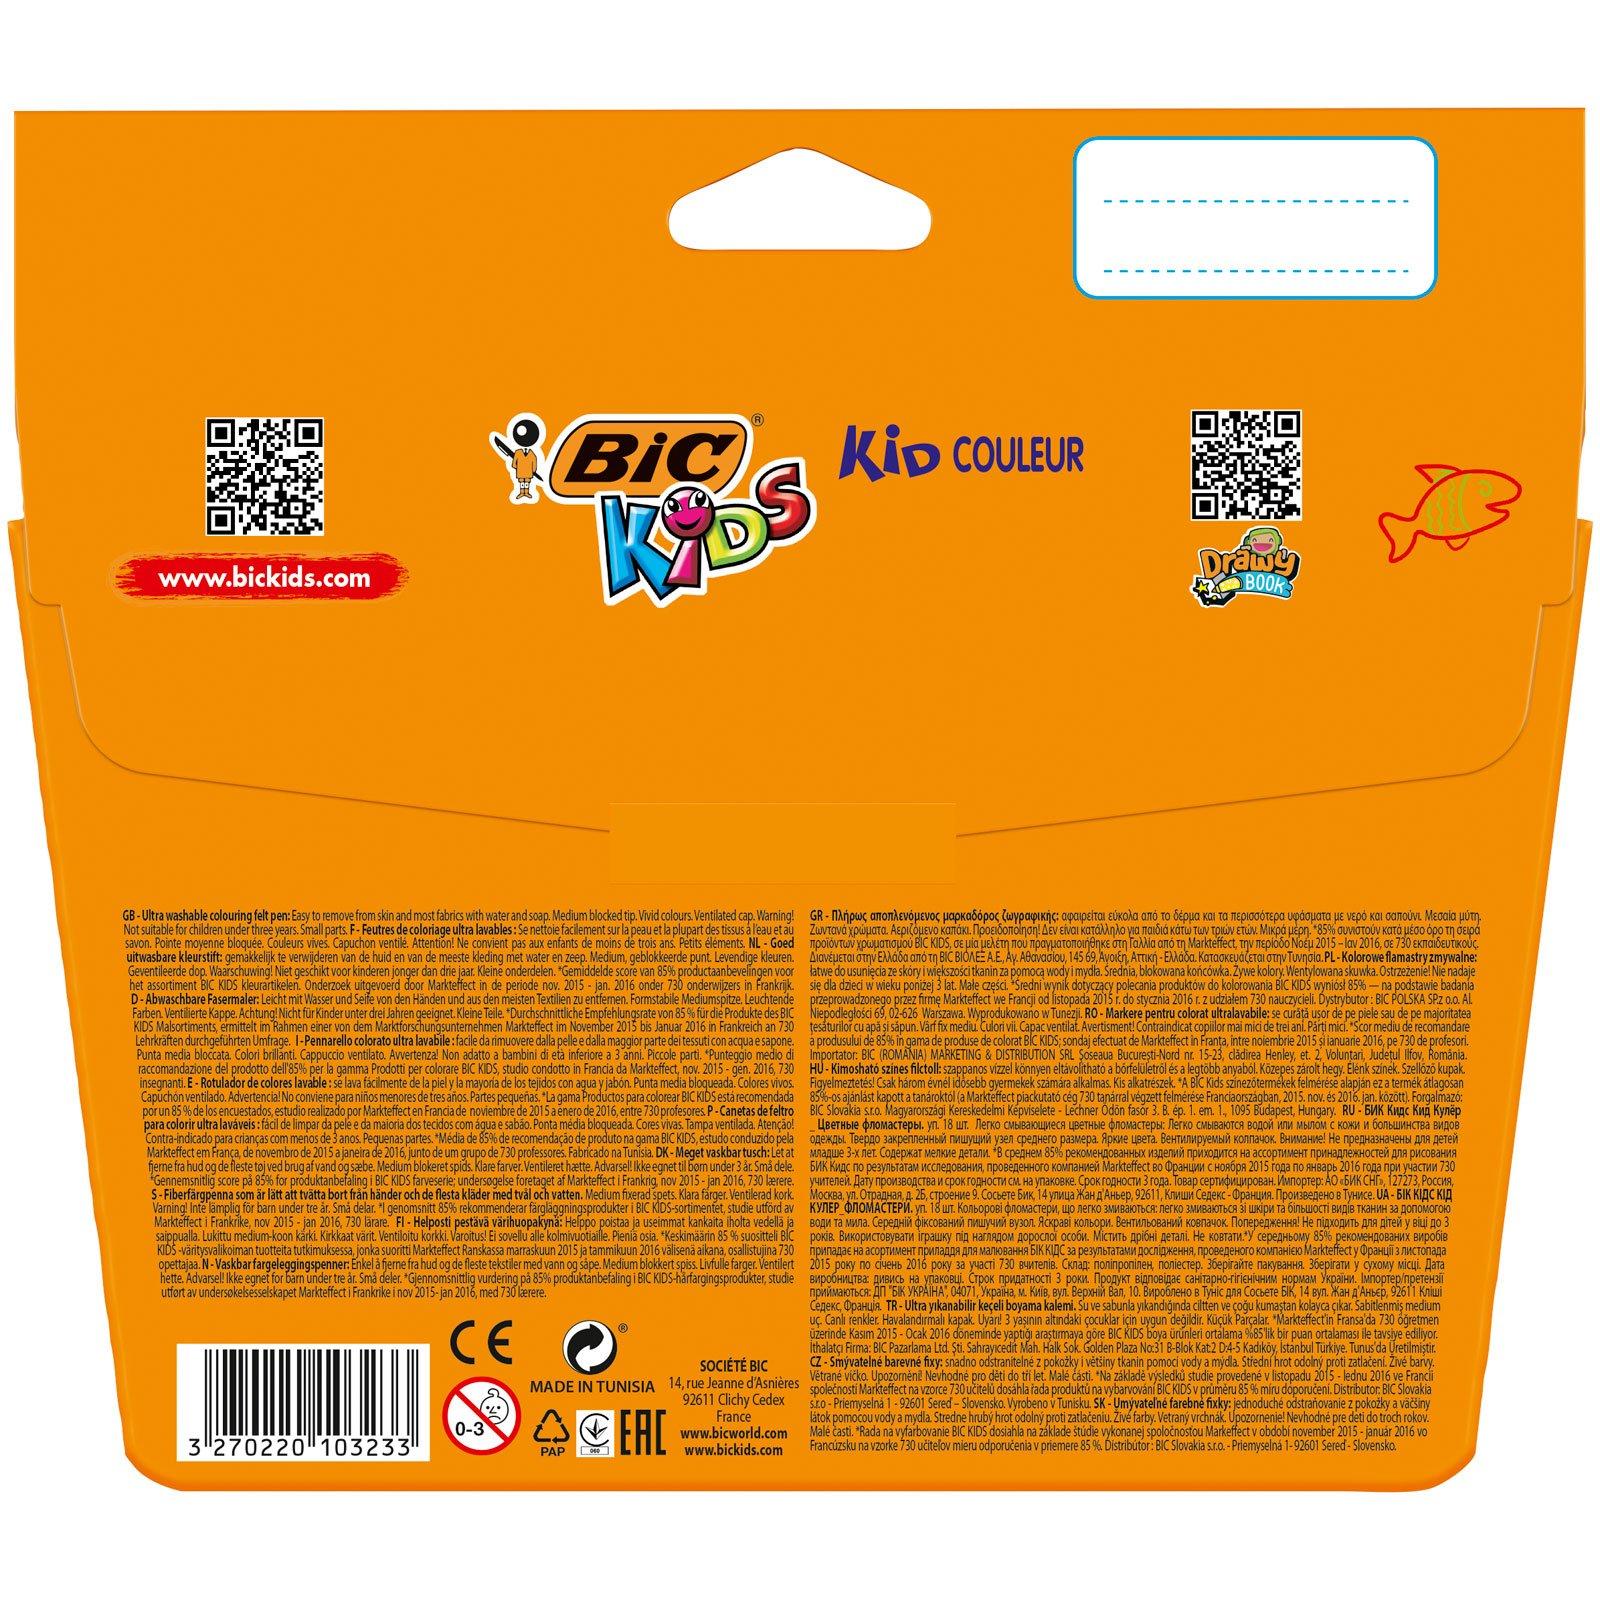 BIC Kids Kid Couleur - Blíster de 14 + 4 rotuladores de colorear para aprendizaje, multicolor: Amazon.es: Oficina y papelería